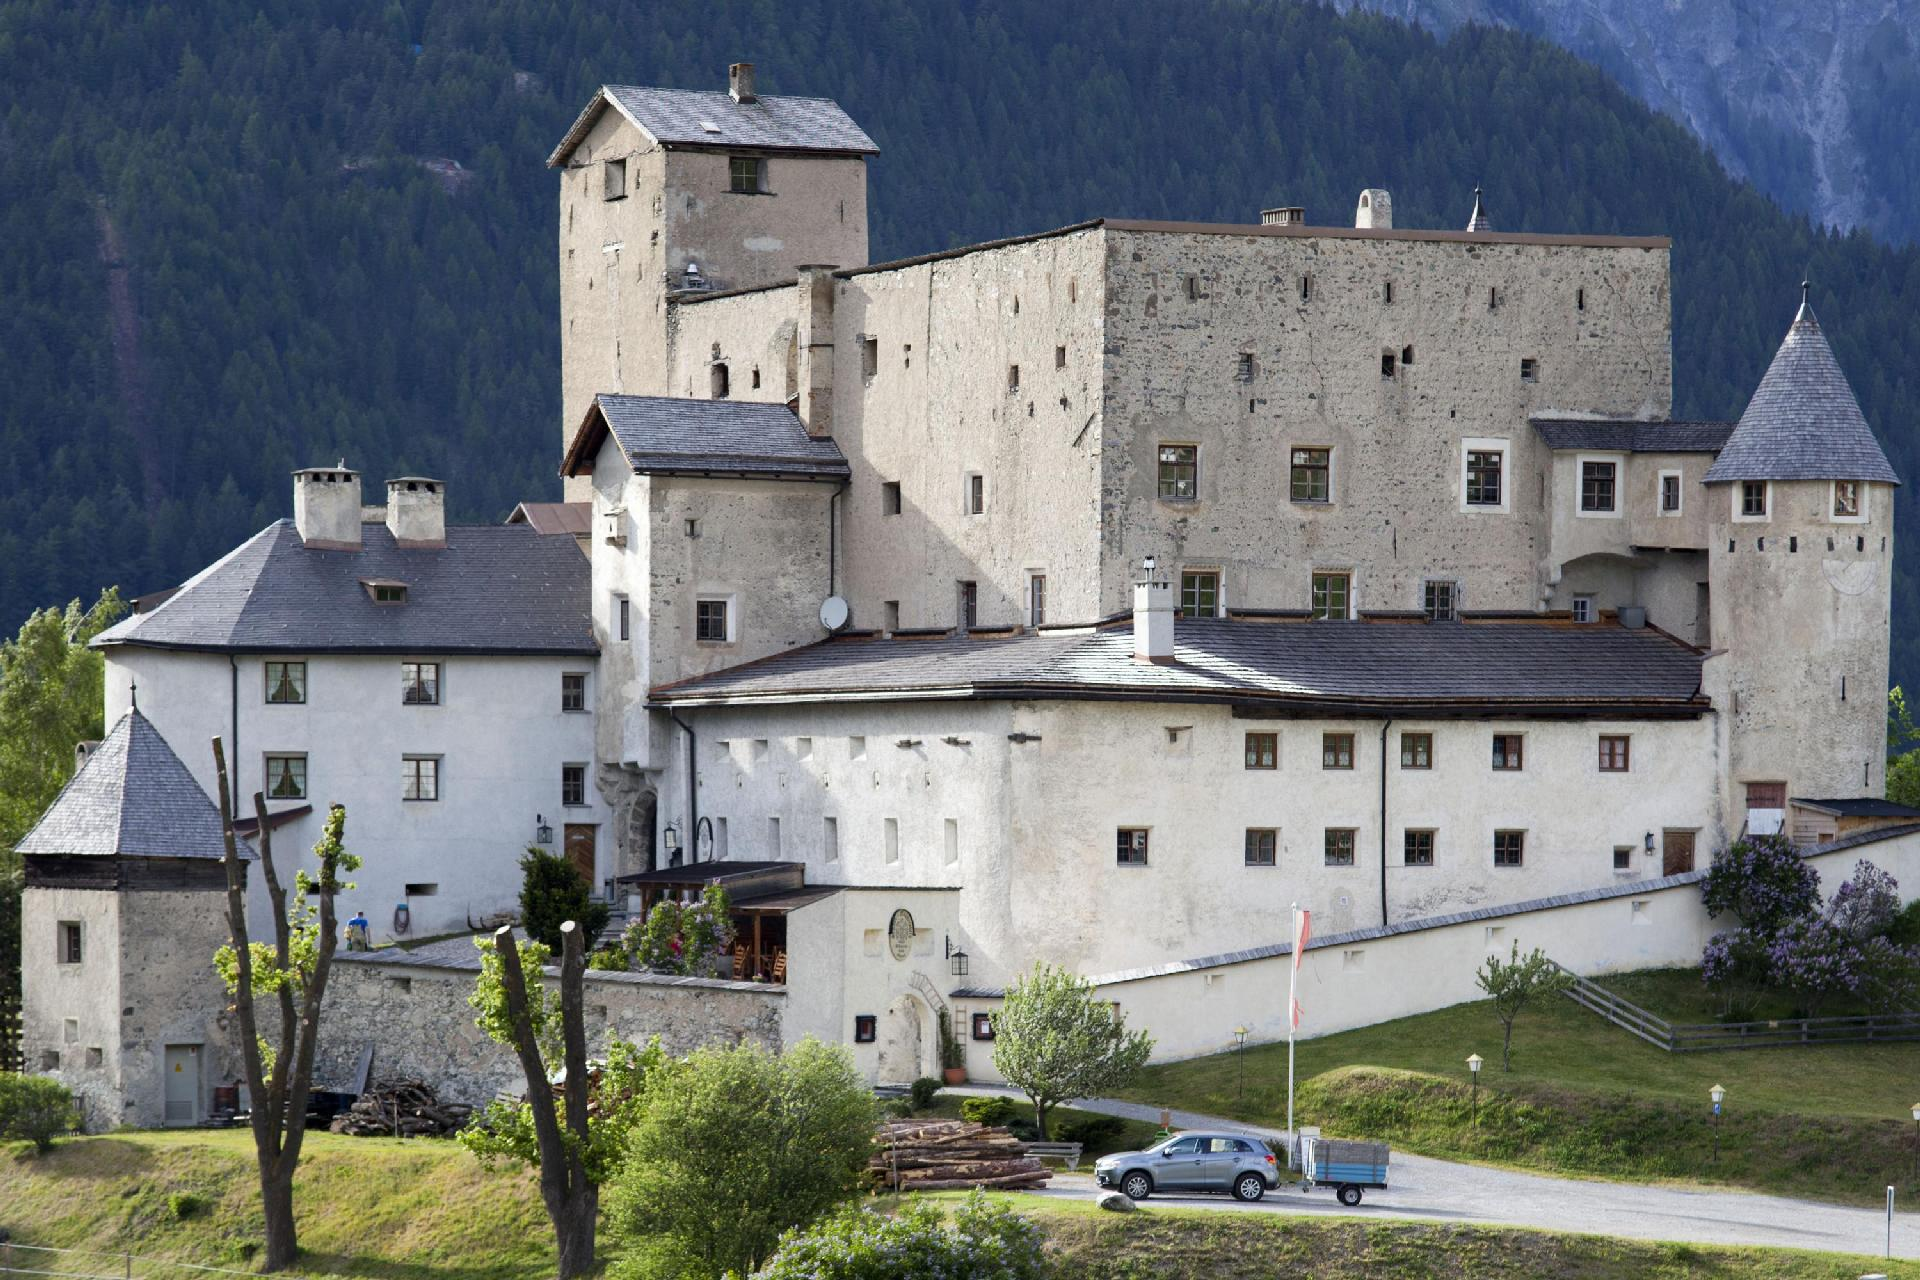 Ferienwohnung für 6 Personen ca. 90 m² i Besondere Immobilie in Österreich